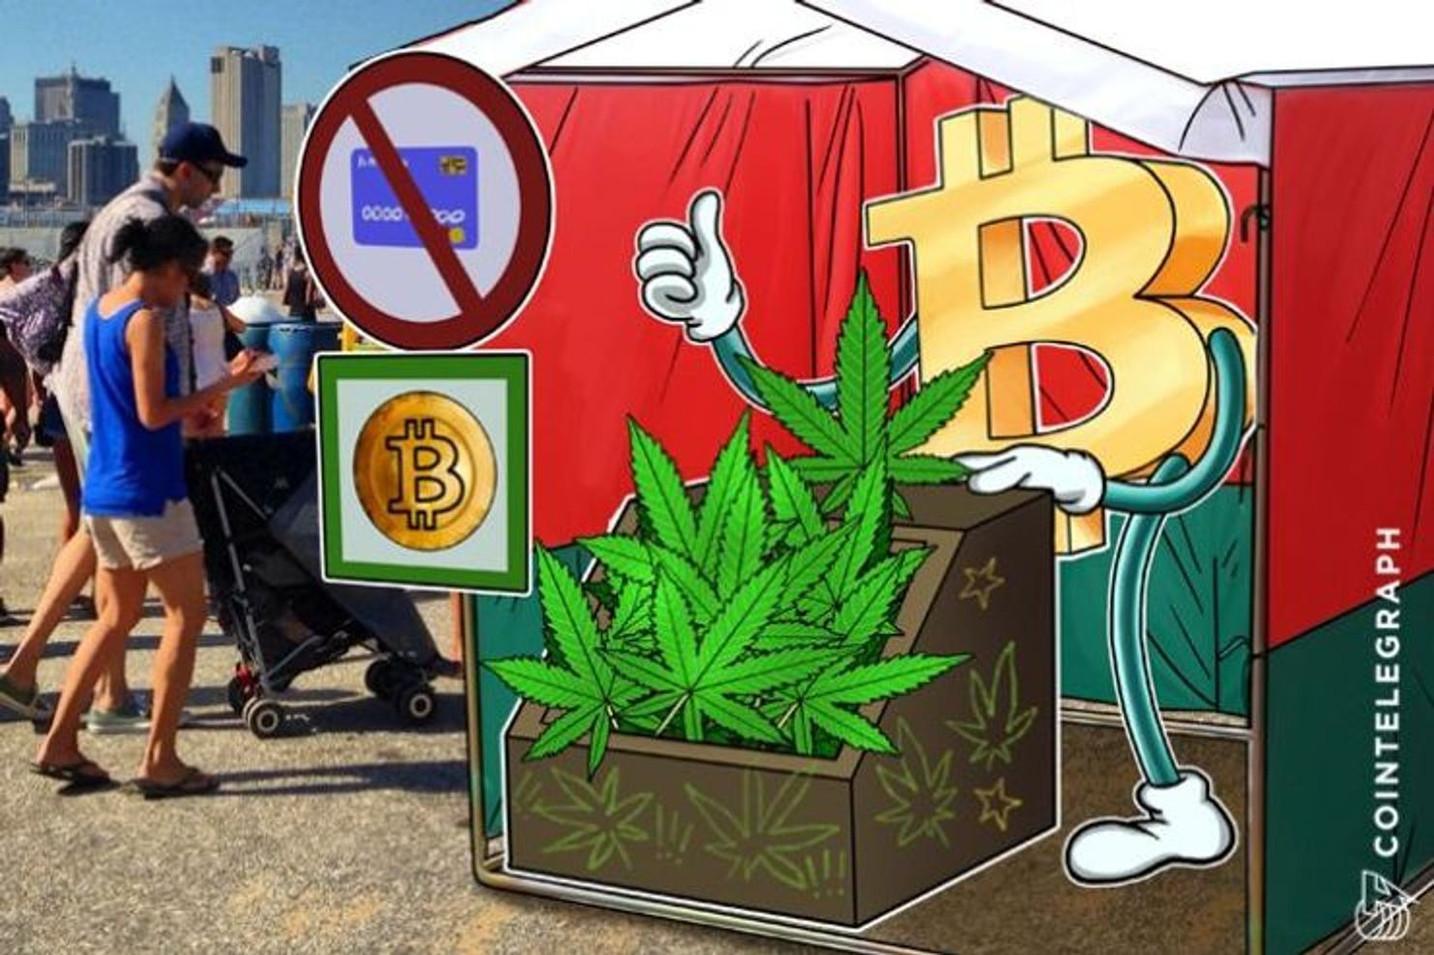 一転大幅マイナスの大麻業界...ビットコインのバブル時に似ている?【仮想通貨相場】